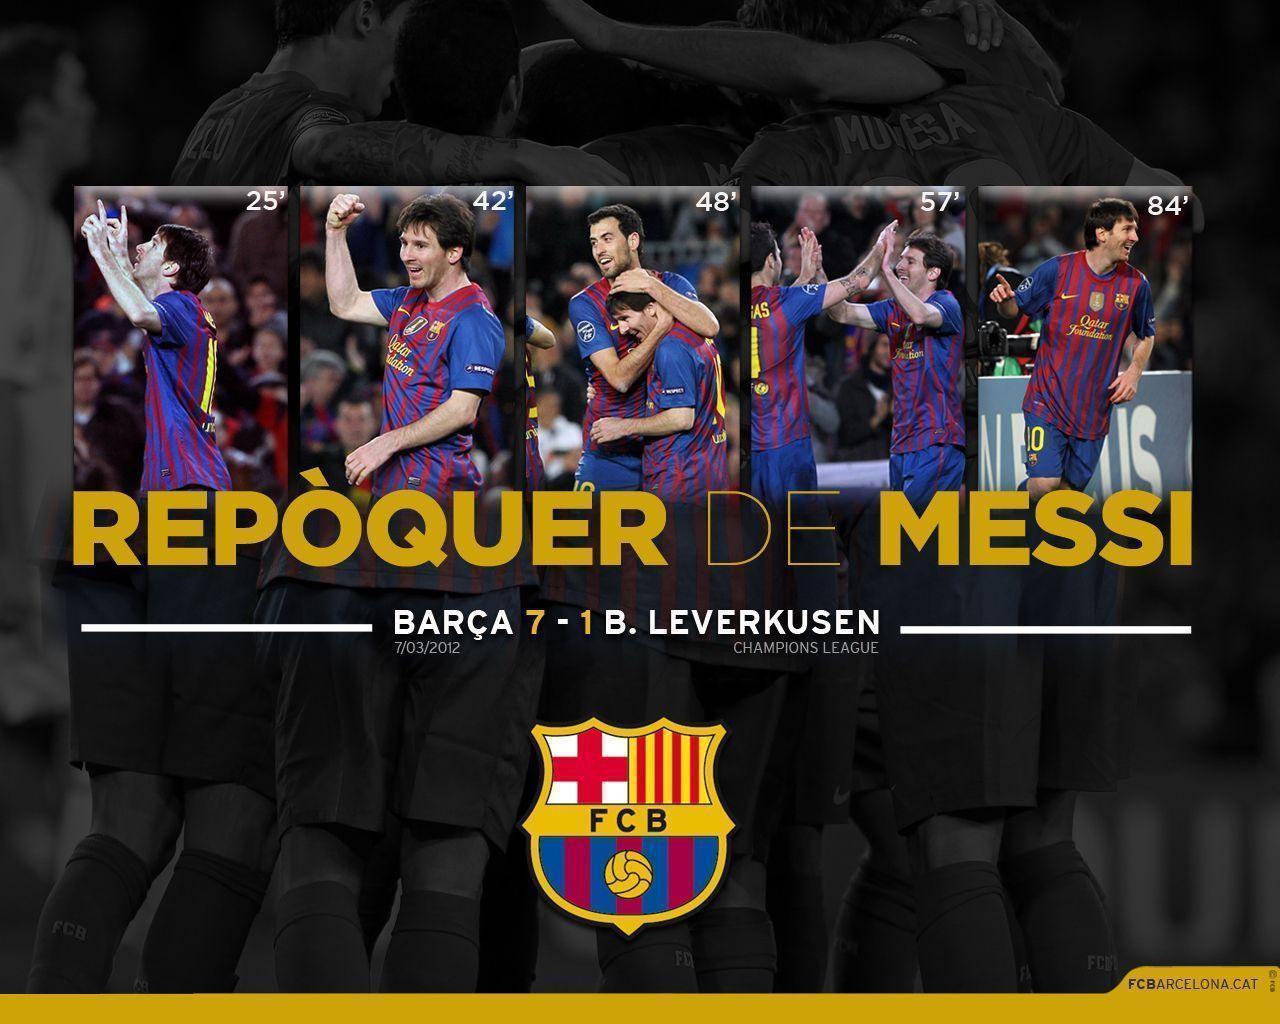 Fondos De Pantalla Del Fútbol Club Barcelona Wallpapers: FCB HD Wallpapers 2015